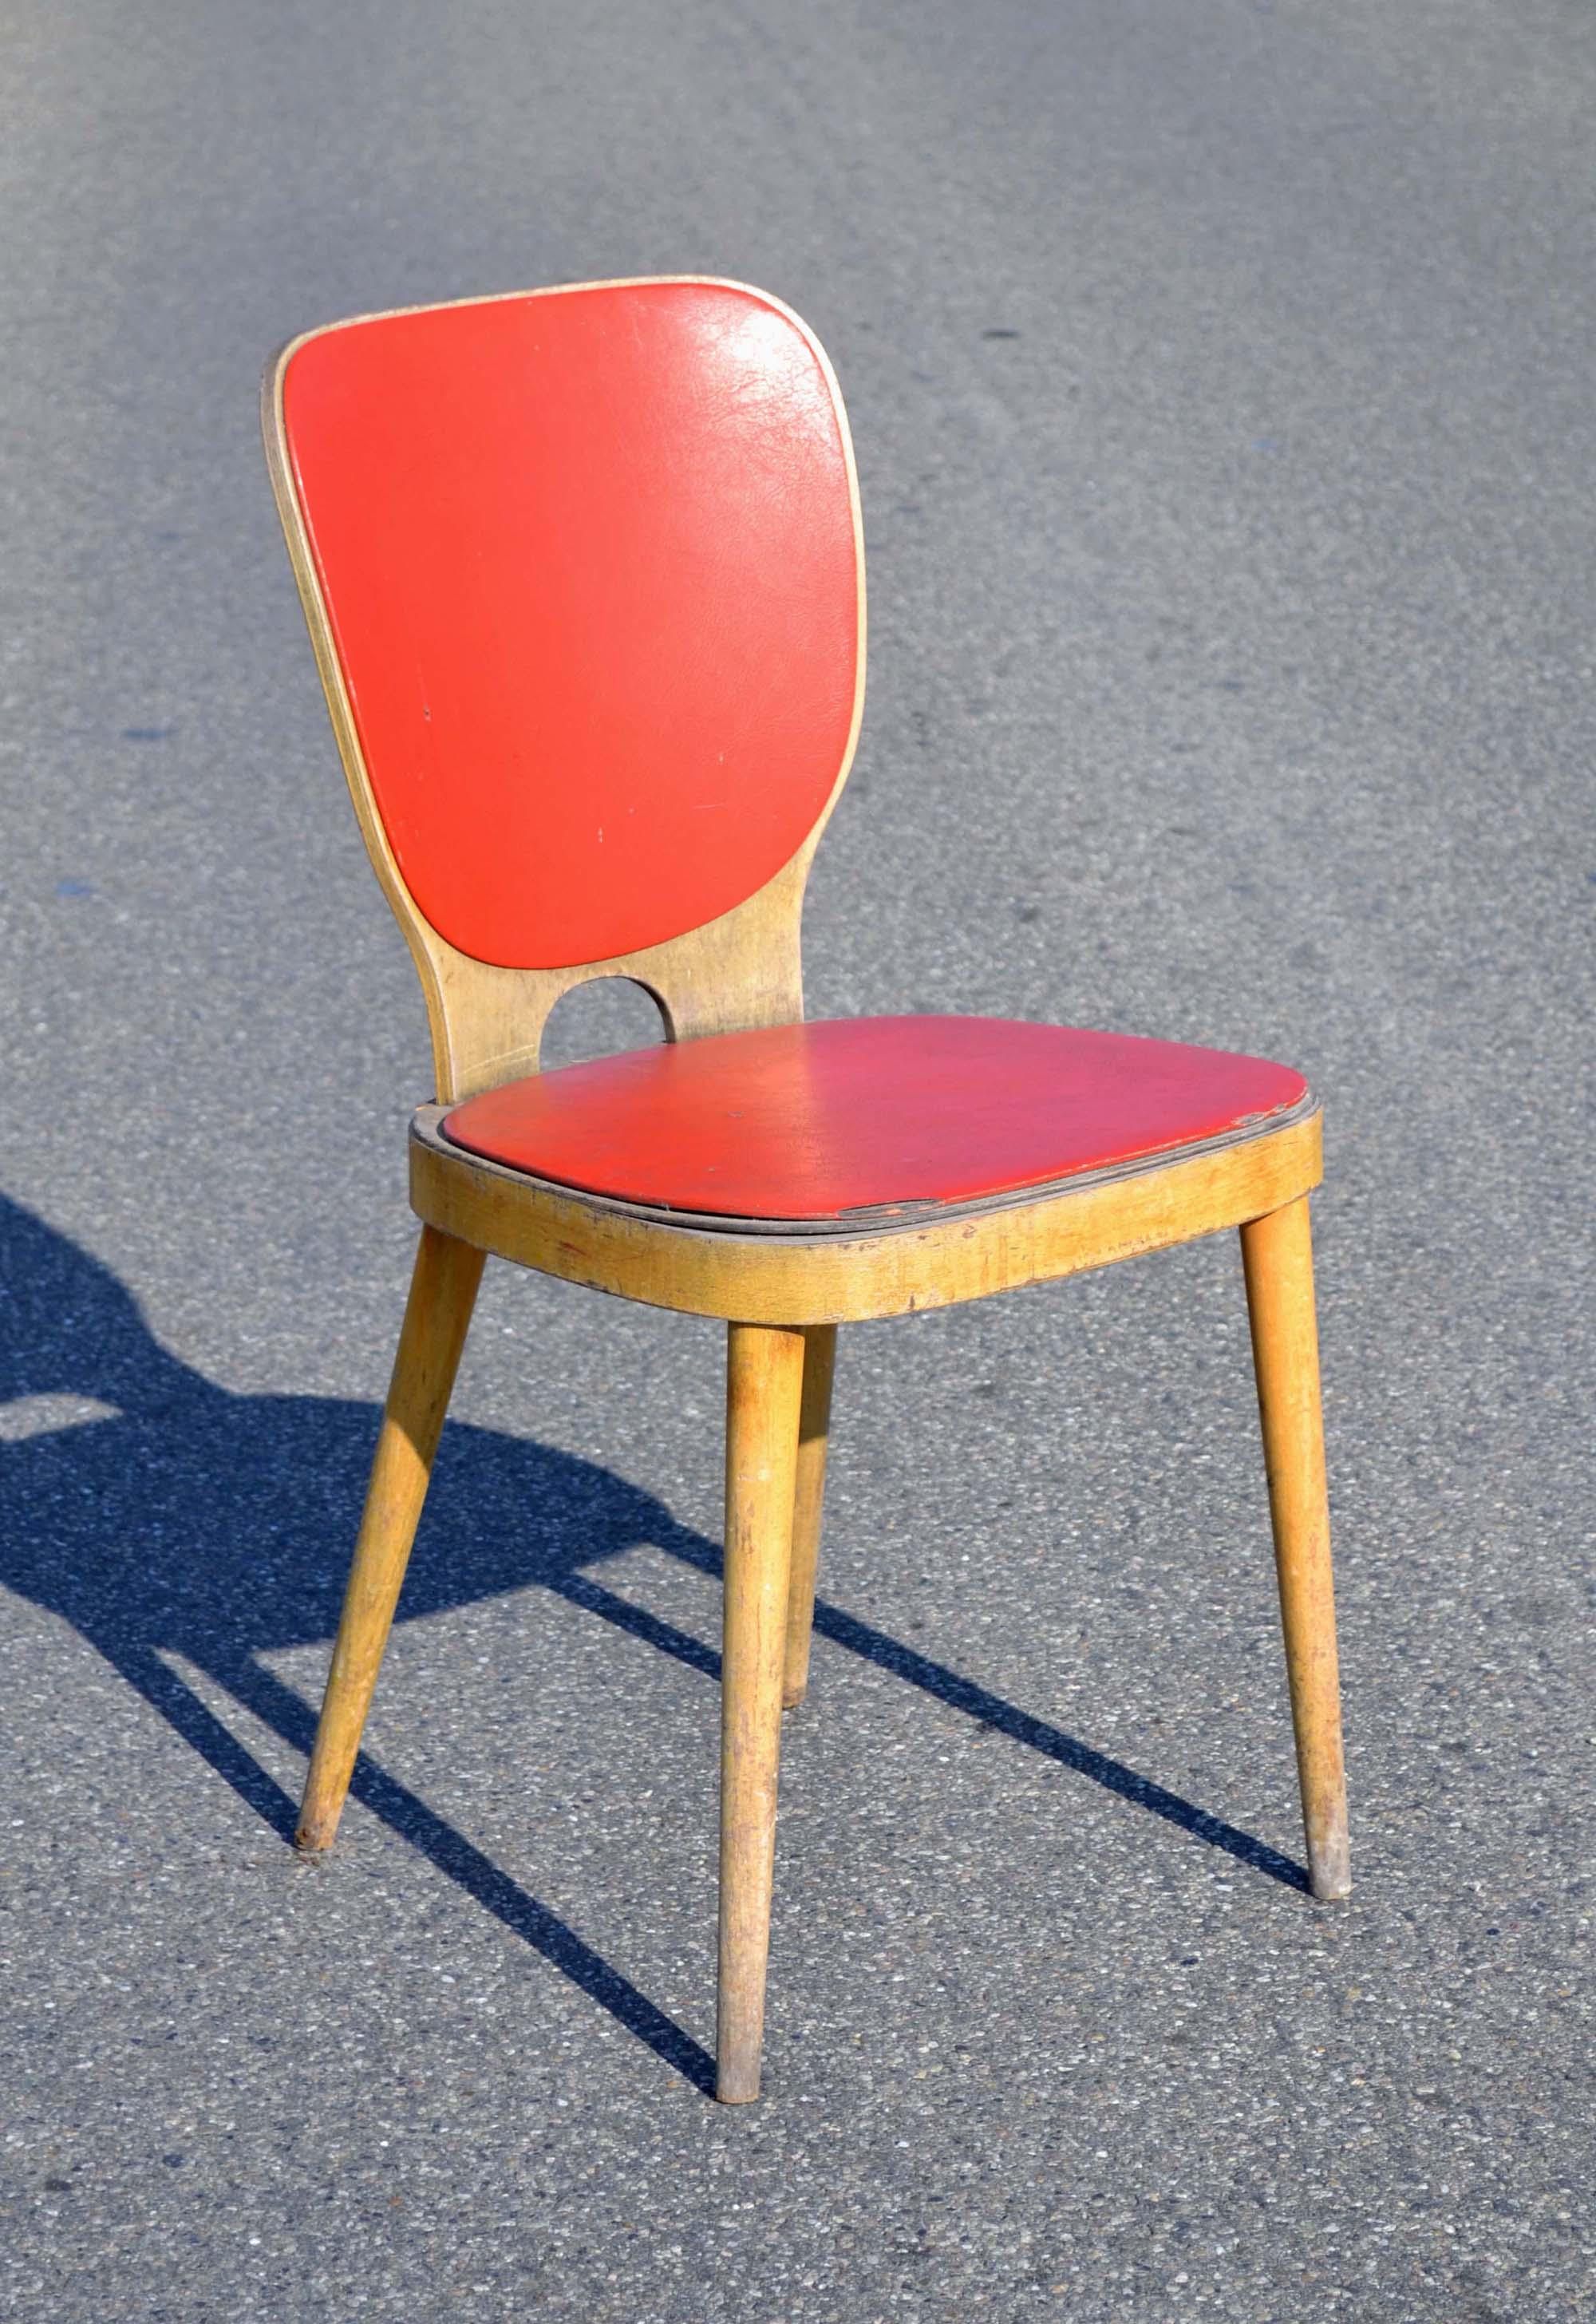 Des chaises design vintage des ann es 1950 80 de designers connus mais aussi des pi ces for Evolution de la chaise